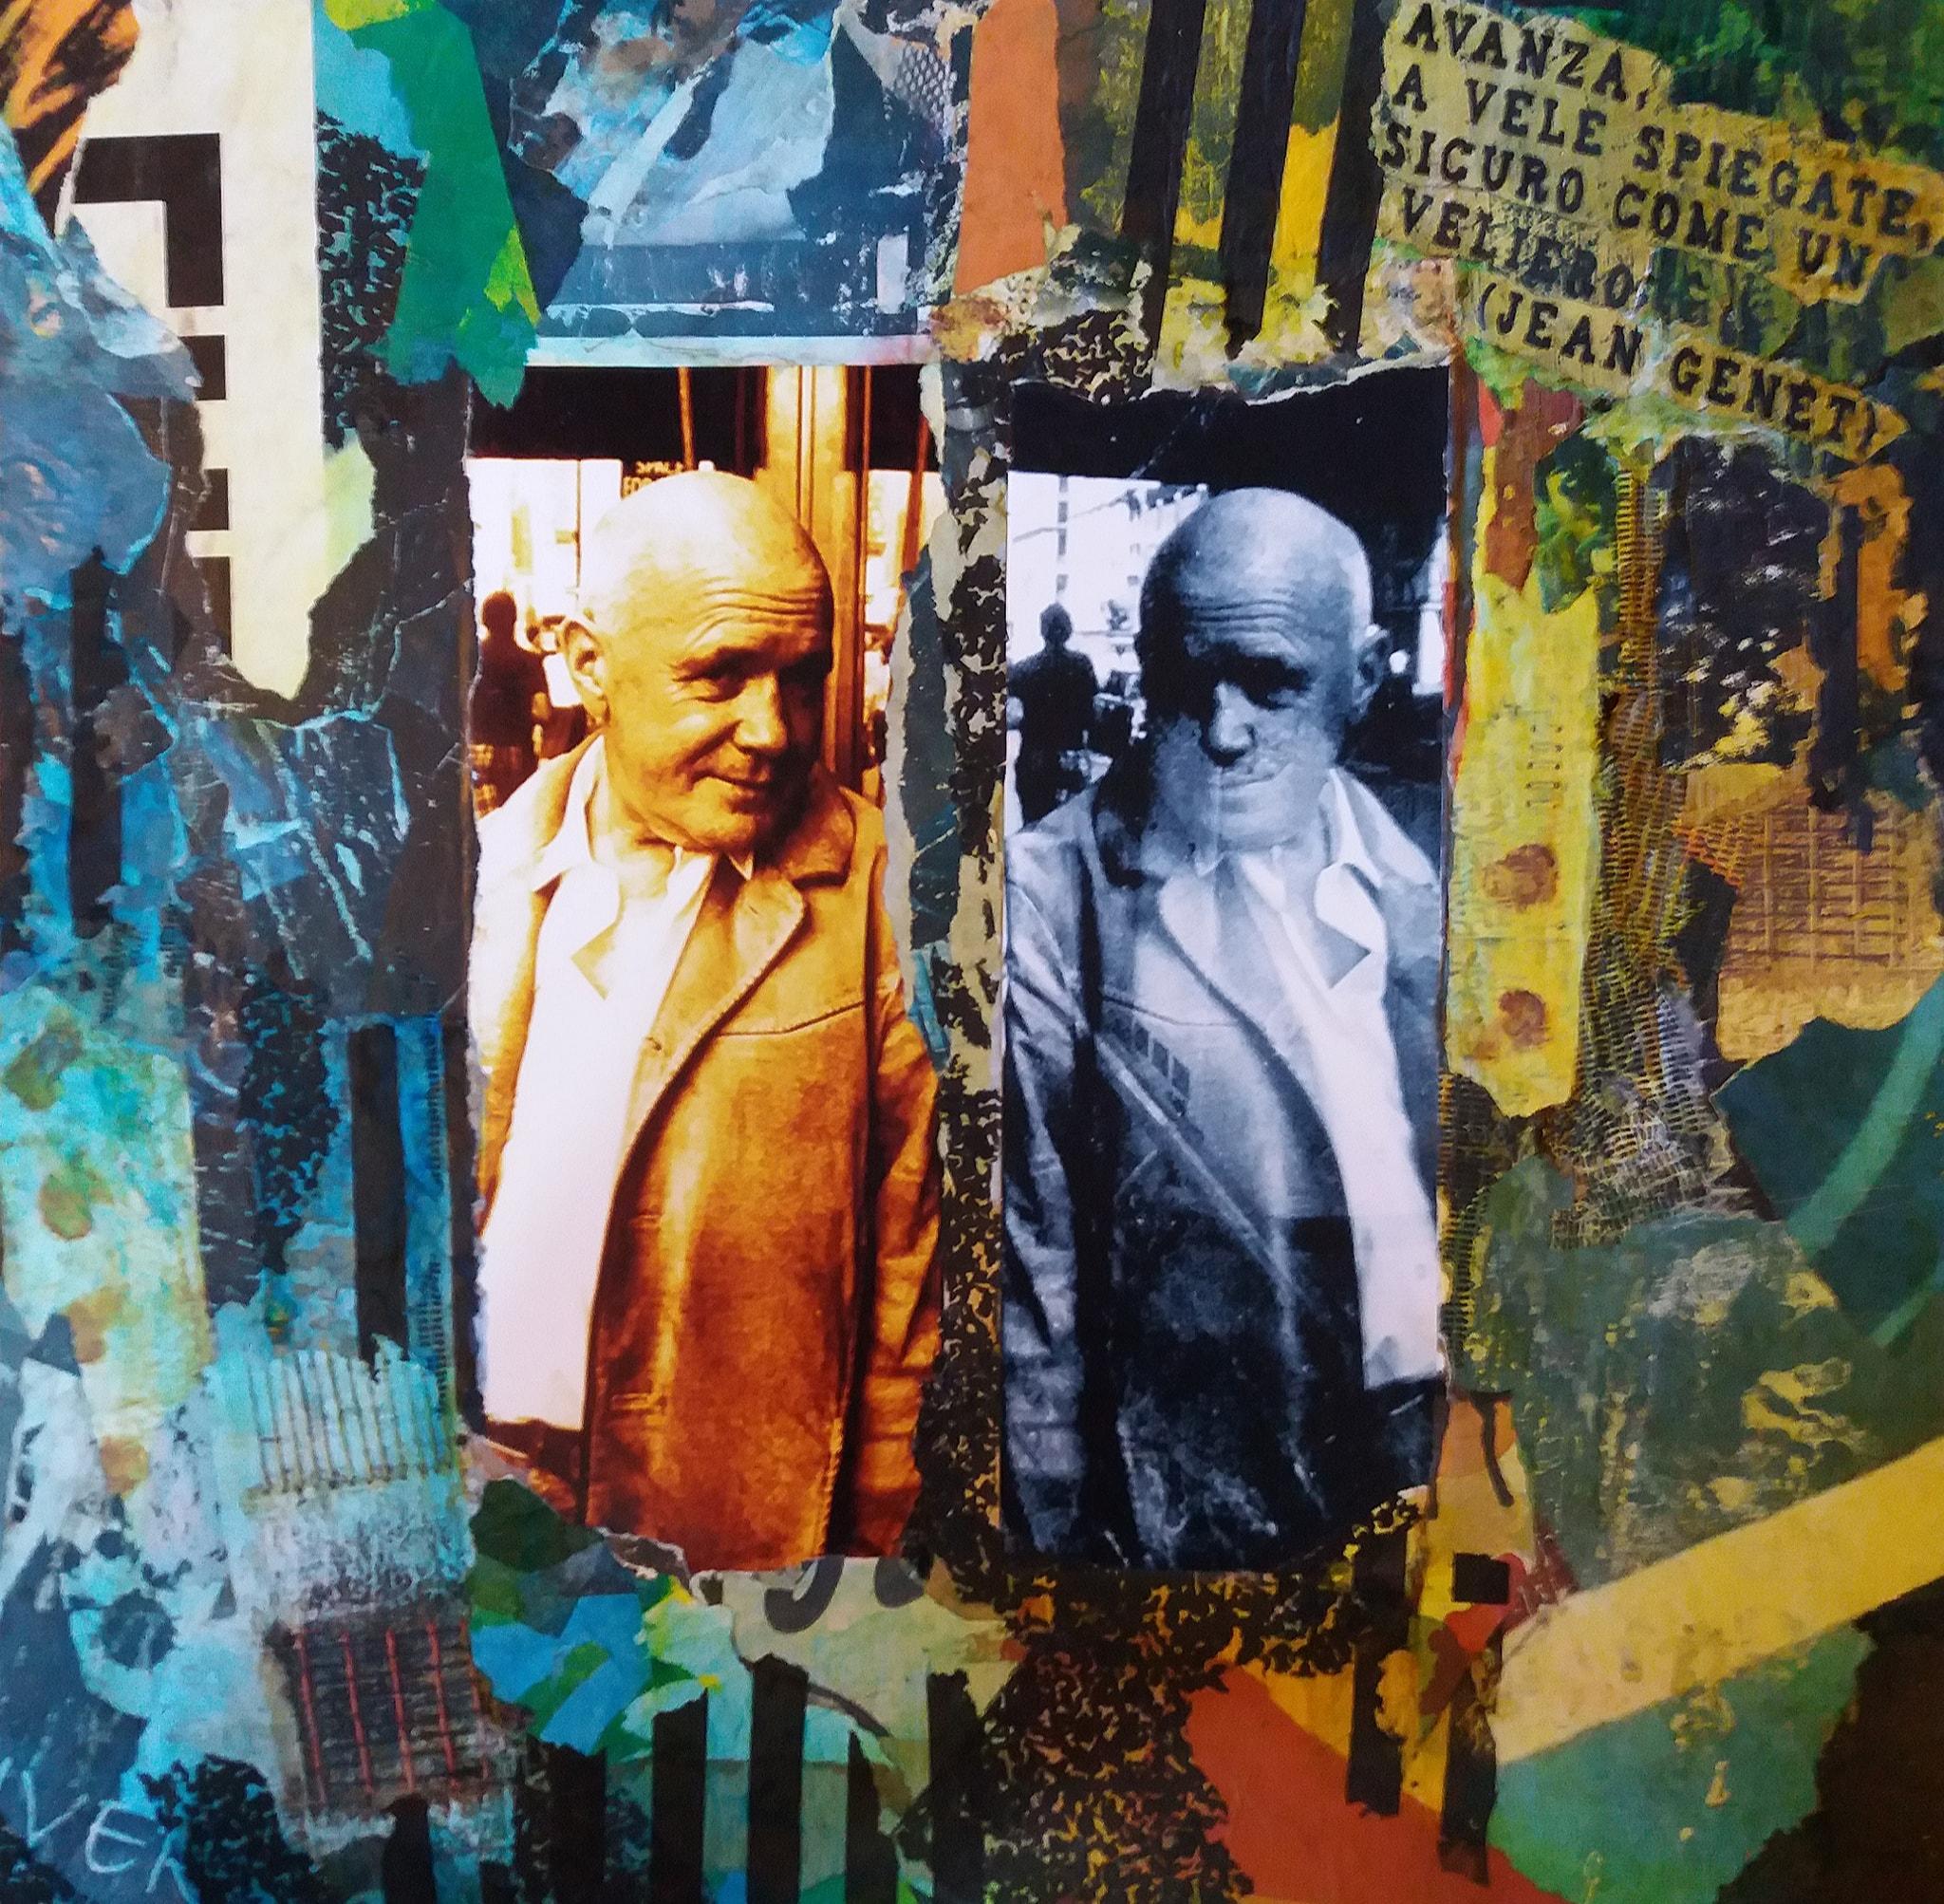 Antonio Minerba Jean Genet 2019 Fotografia,xerografia e acquarello su legno